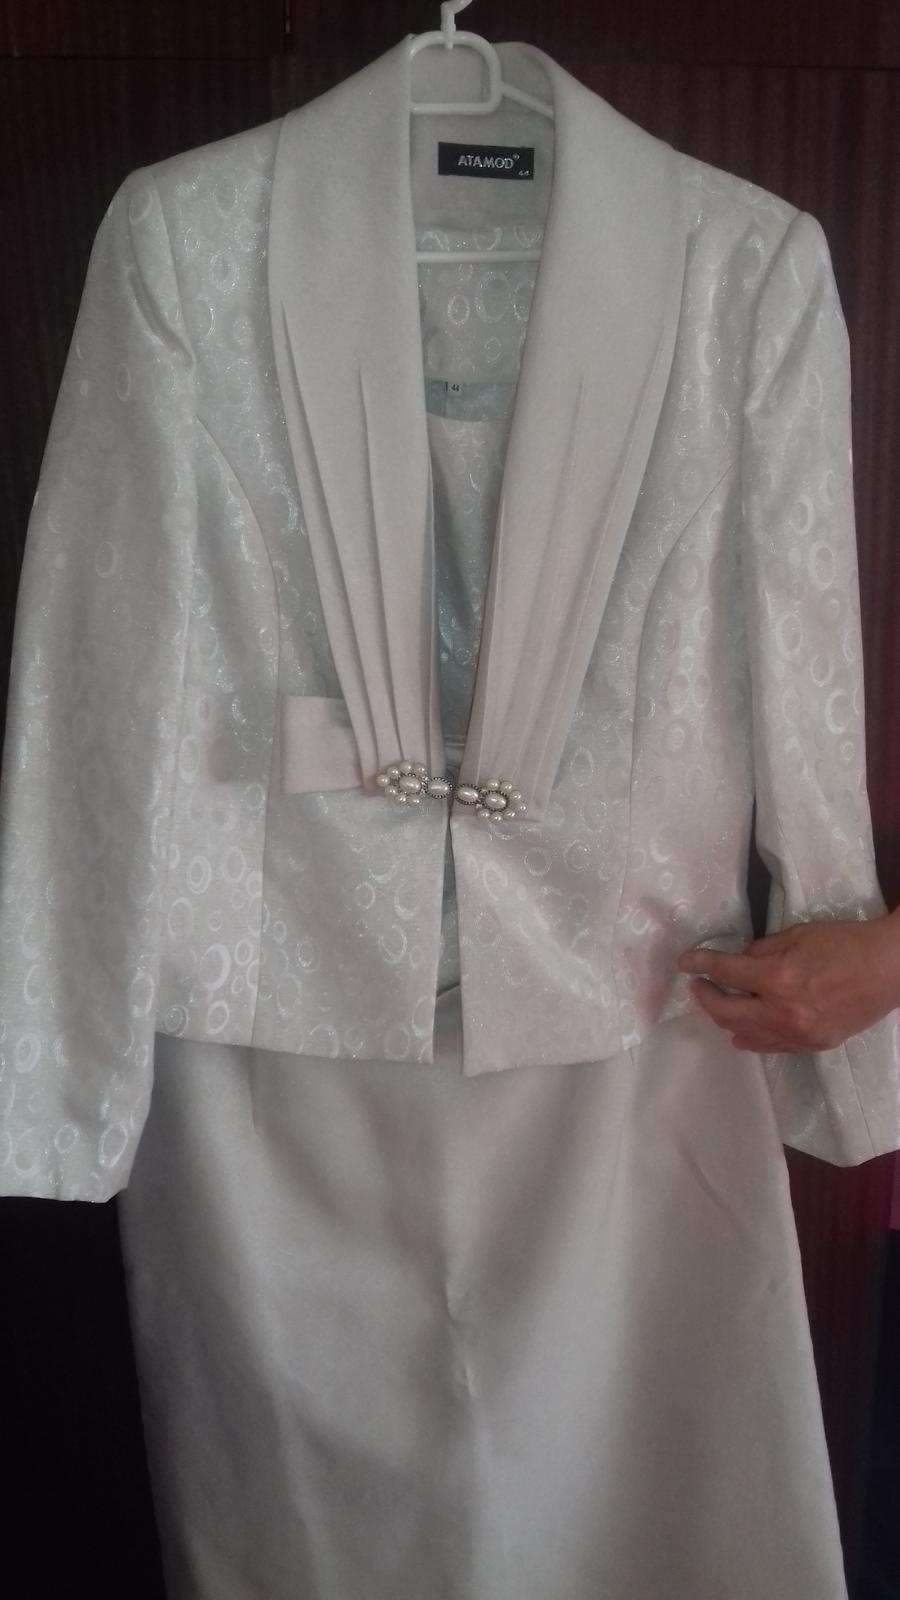 9028f35fe5d2 Suknovy kostym